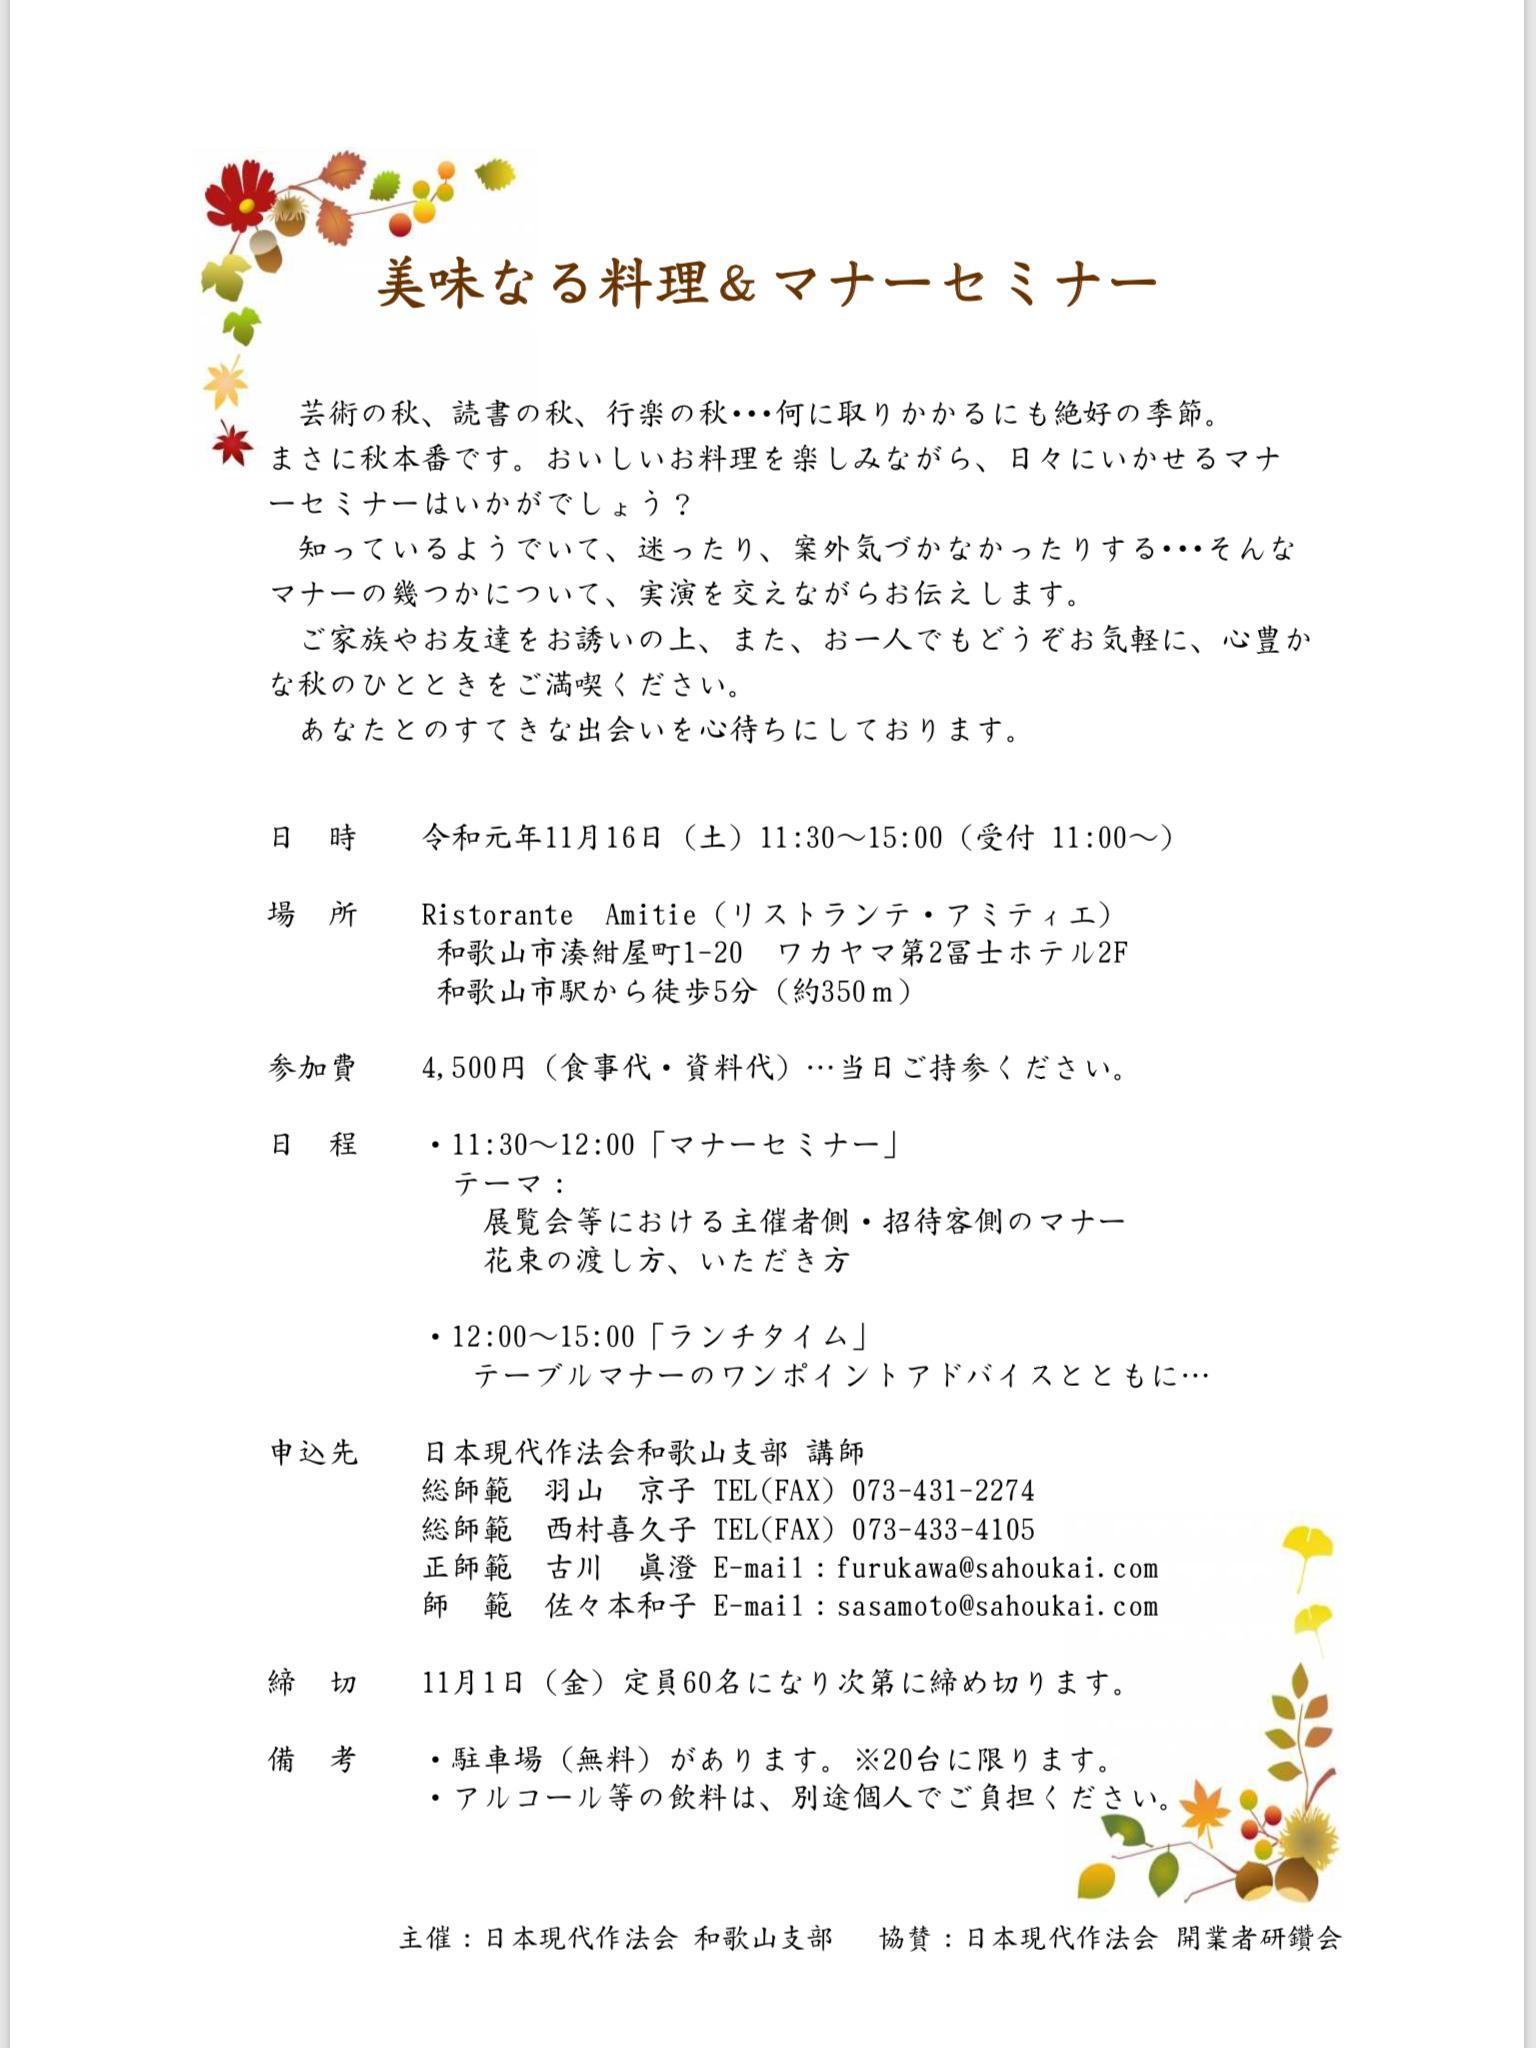 11月16日(土)マナーセミナーin 和歌山